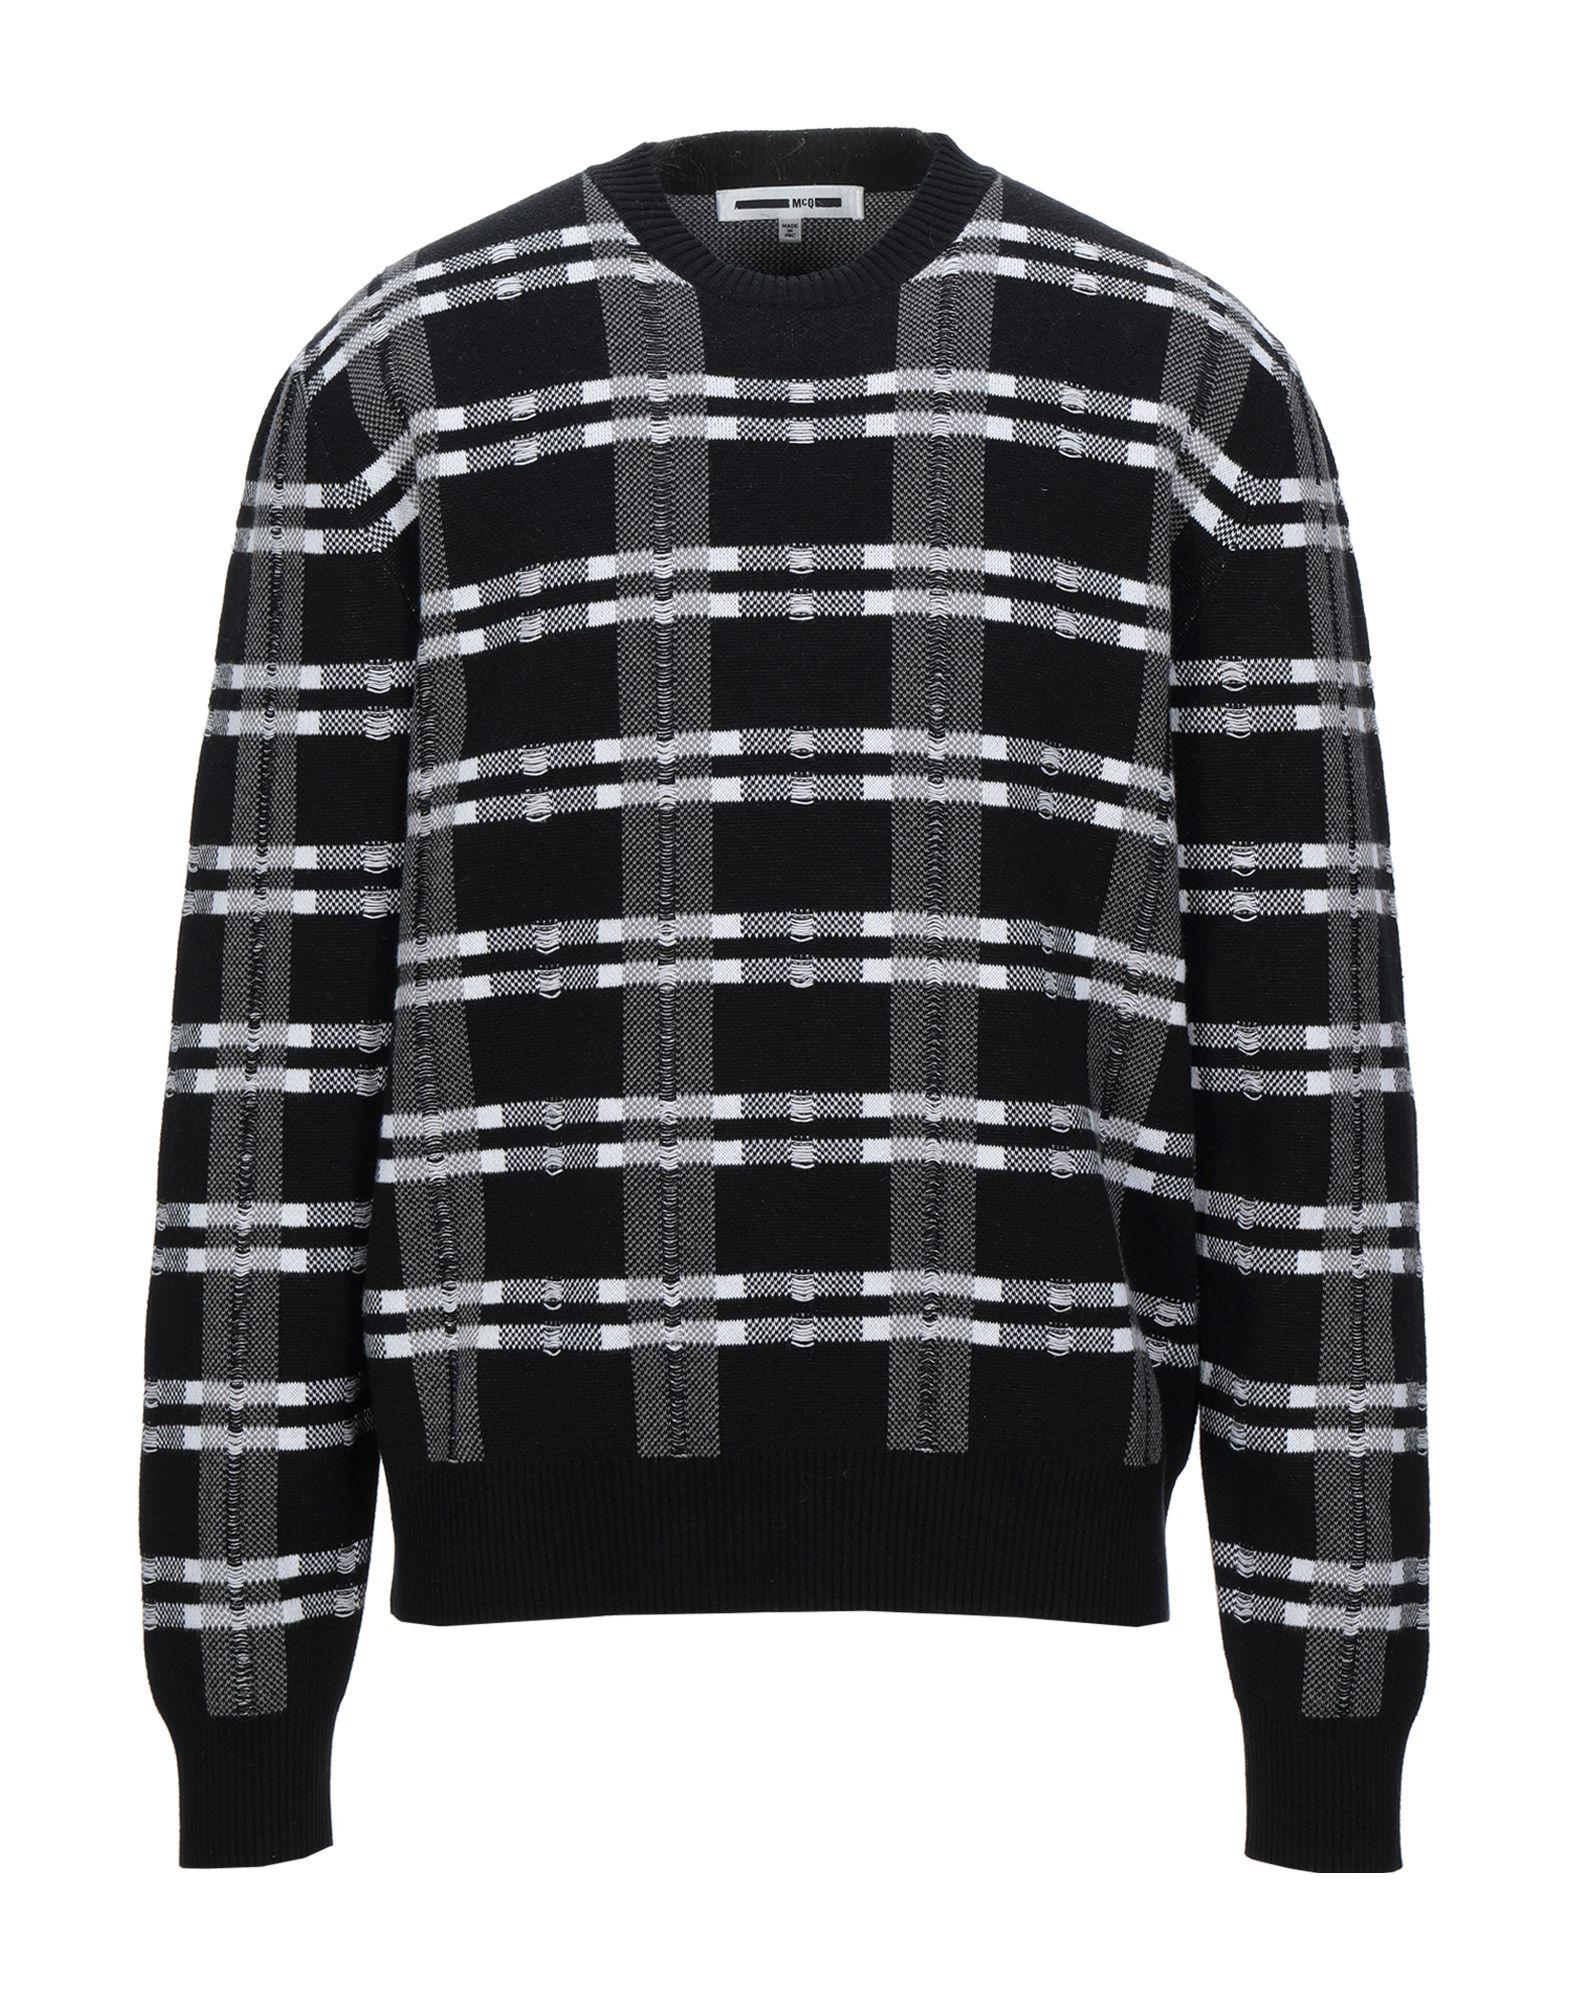 McQ Alexander McQueen Sweaters - Item 14044938